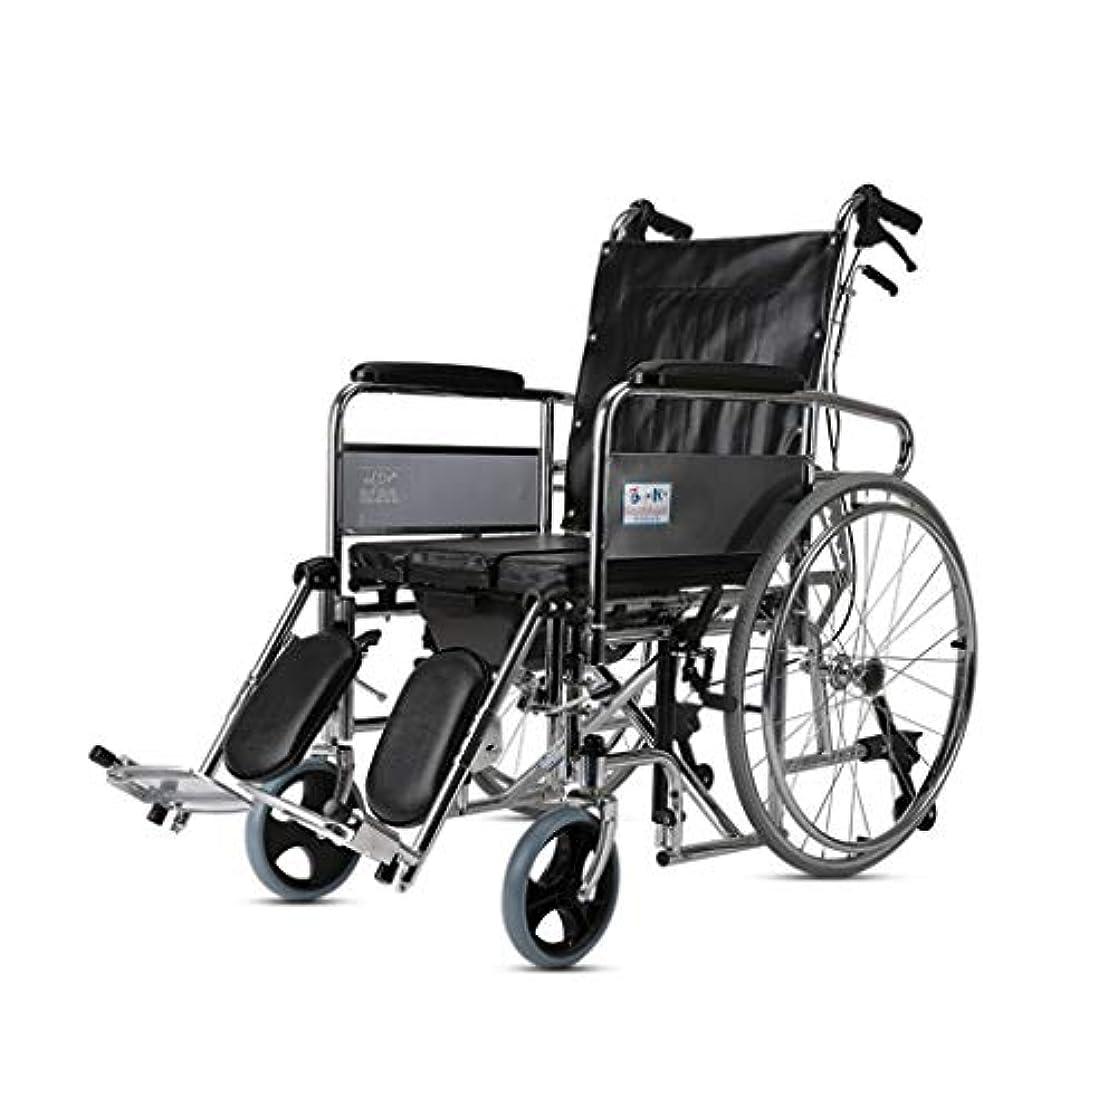 色合い盲目省折り畳み式車椅子超軽量ポータブル多機能ハンドプッシュ車椅子高齢者と障害者のために人間工学に基づいた